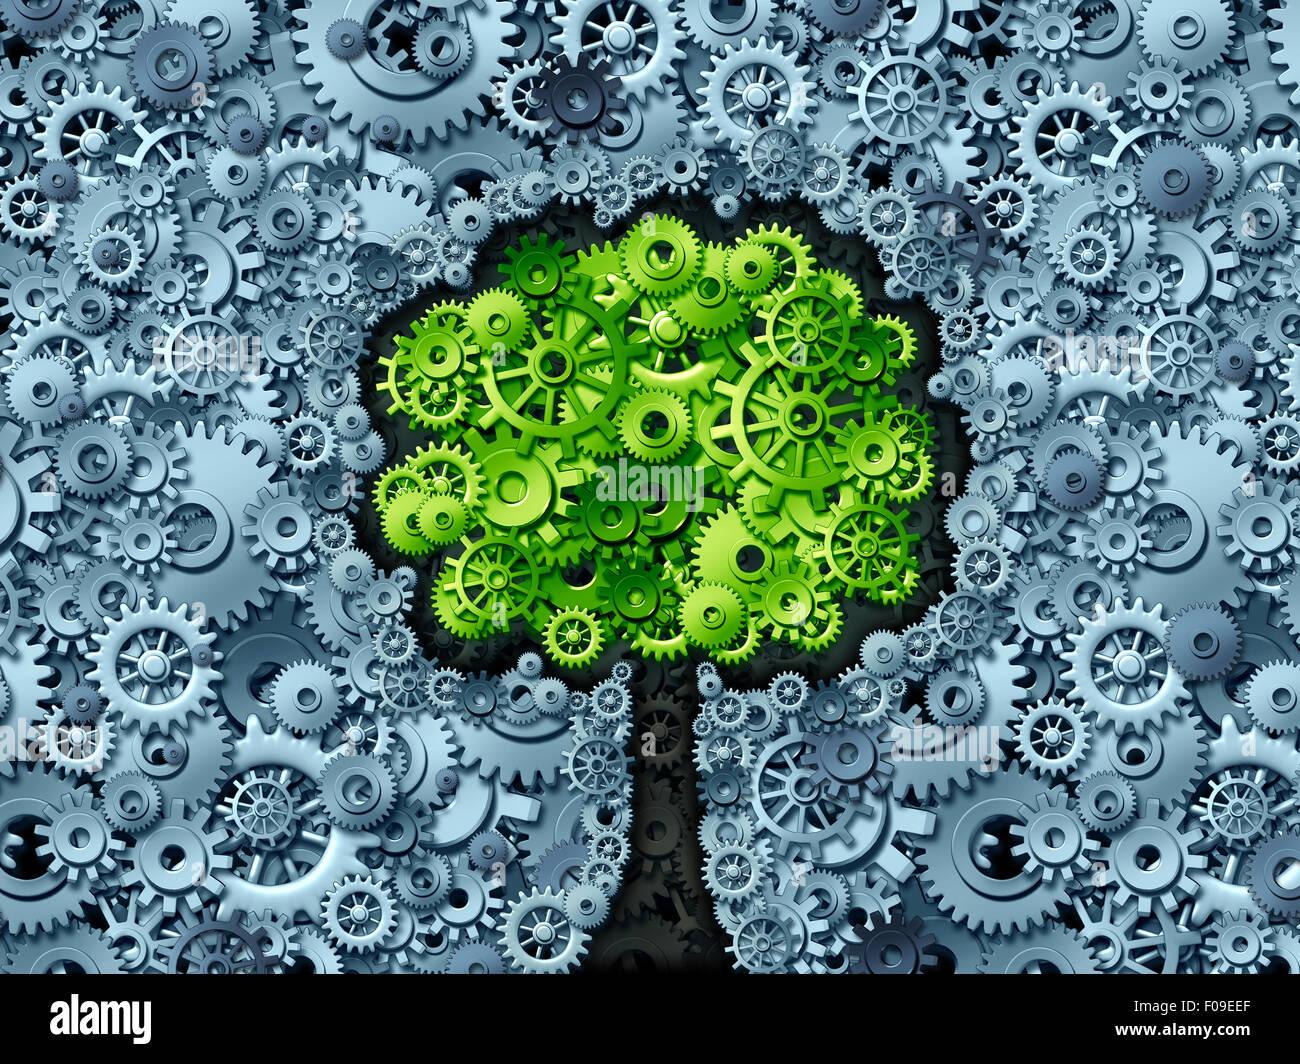 Concepto de árbol de negocios como un símbolo para una economía creciente y la industria representada Imagen De Stock